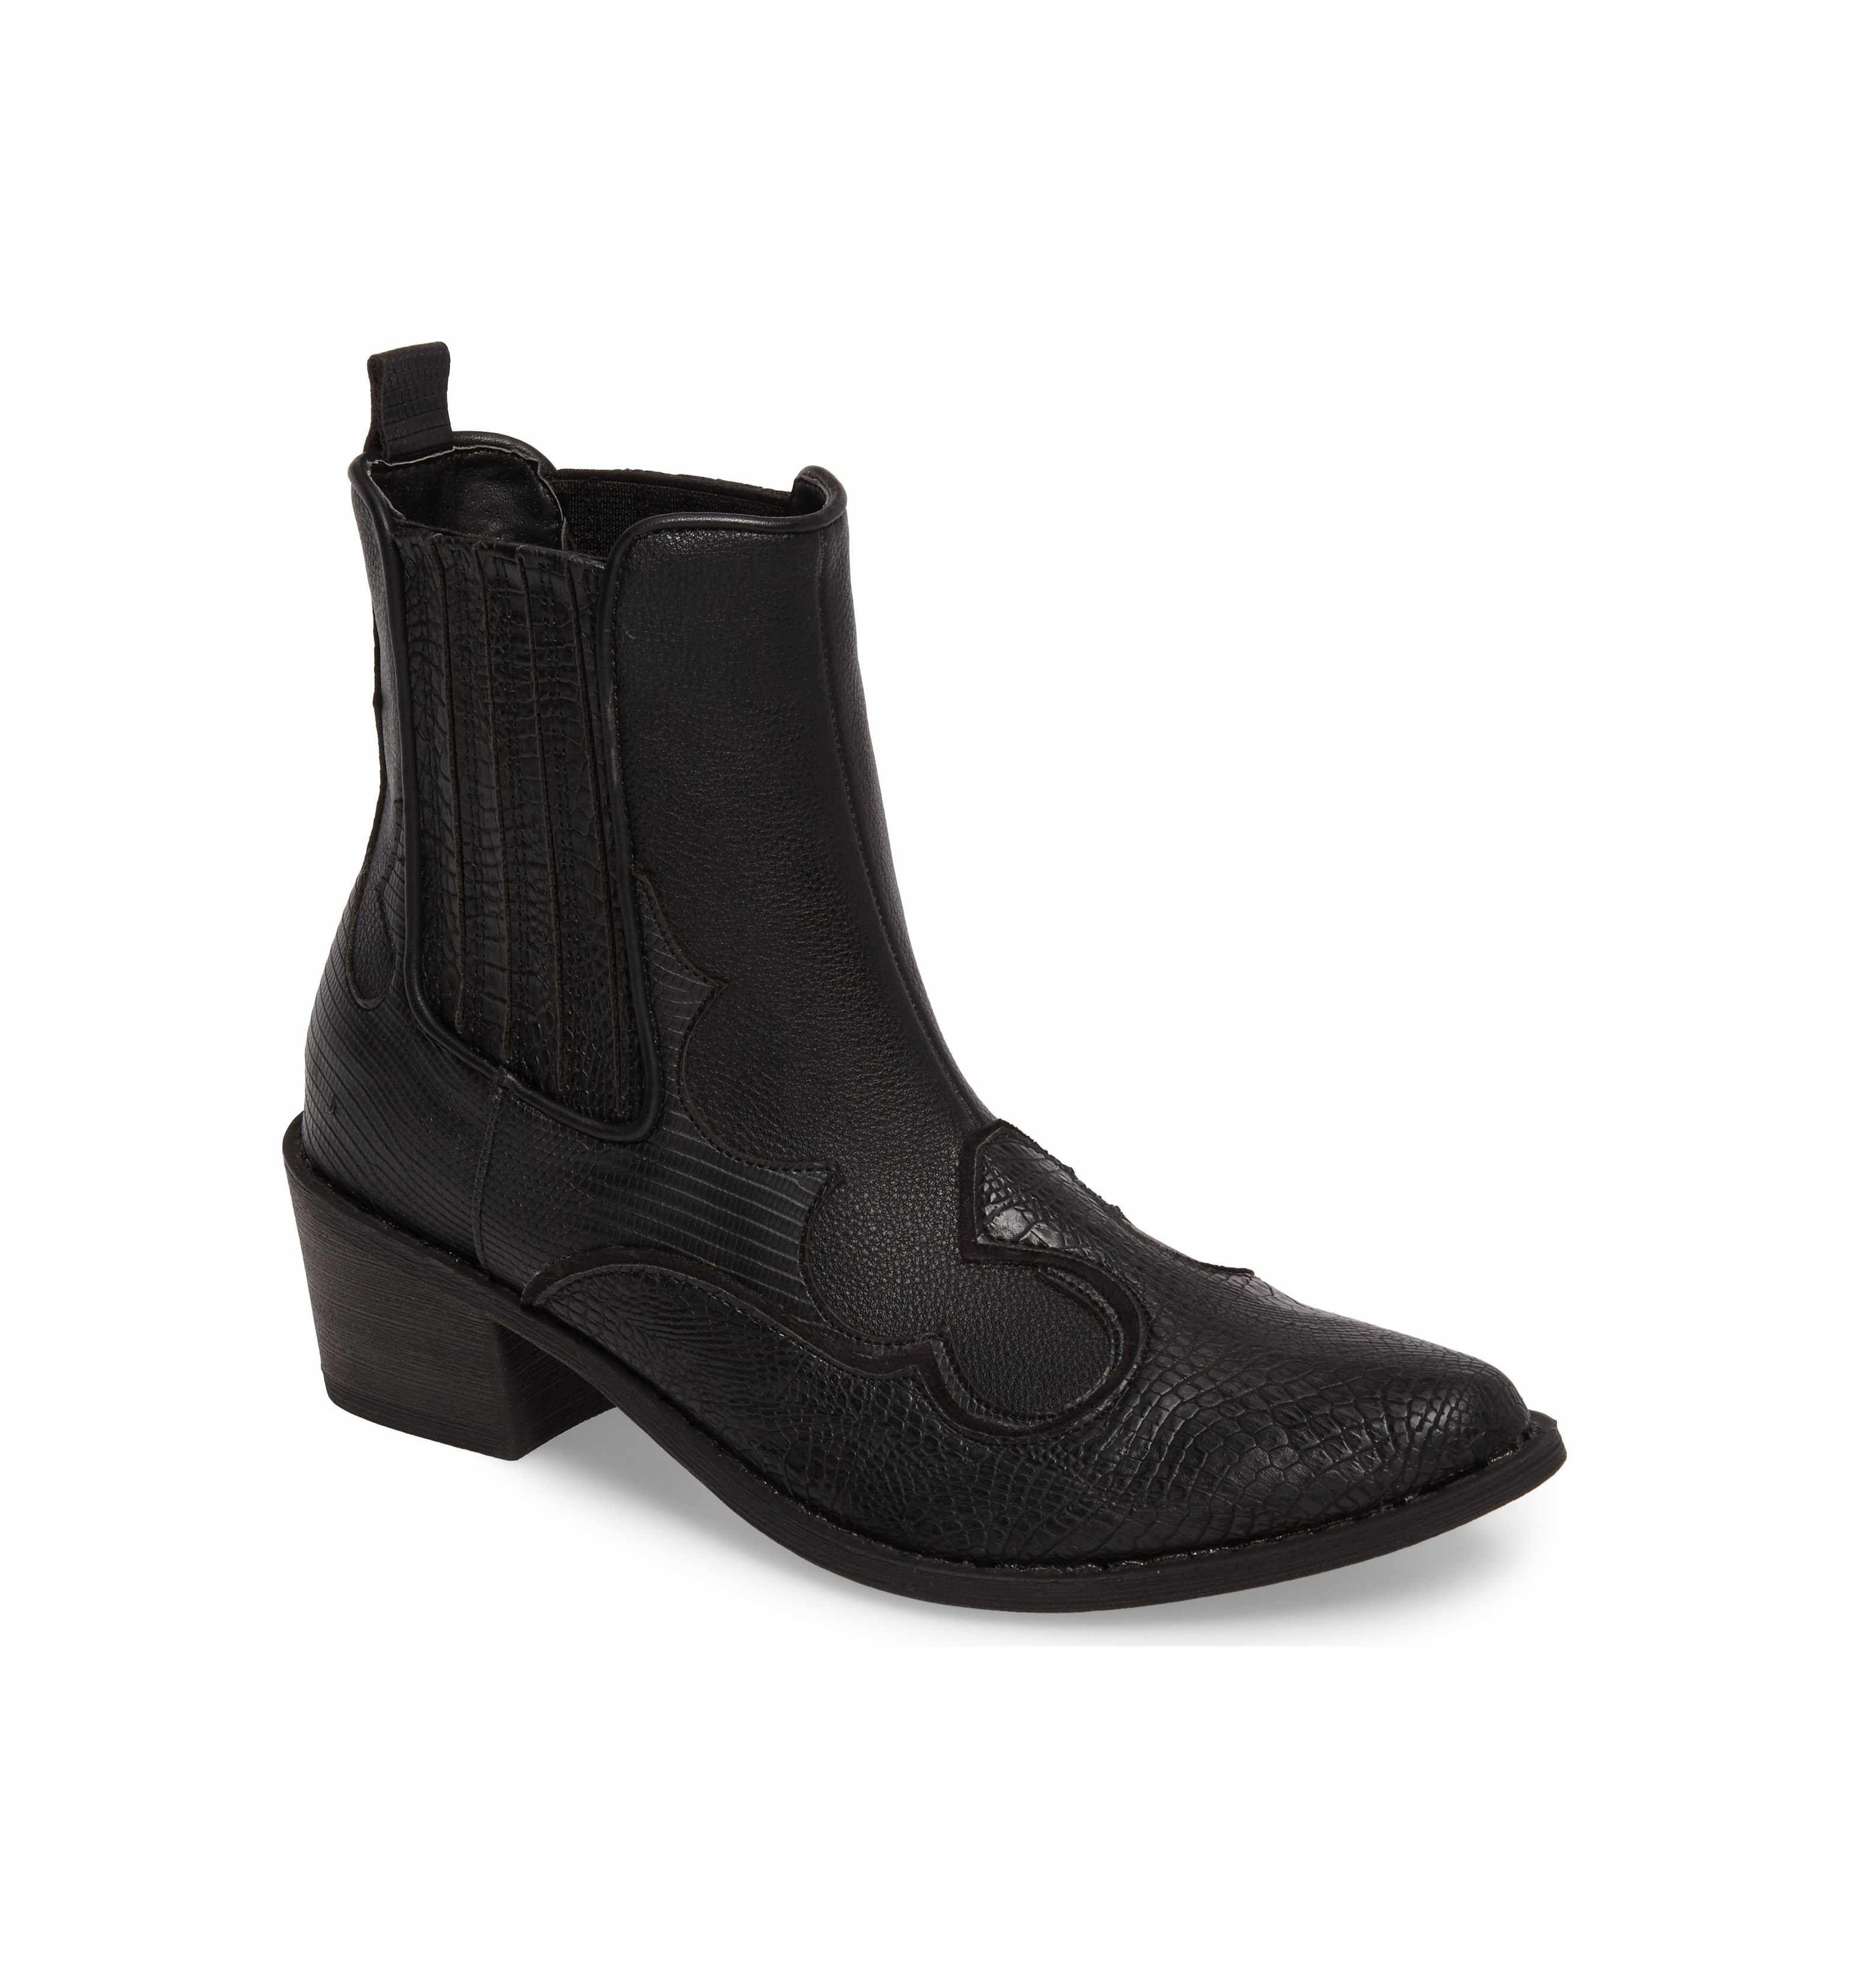 Matisse Women's Cavalier Boot 9qmY1bA